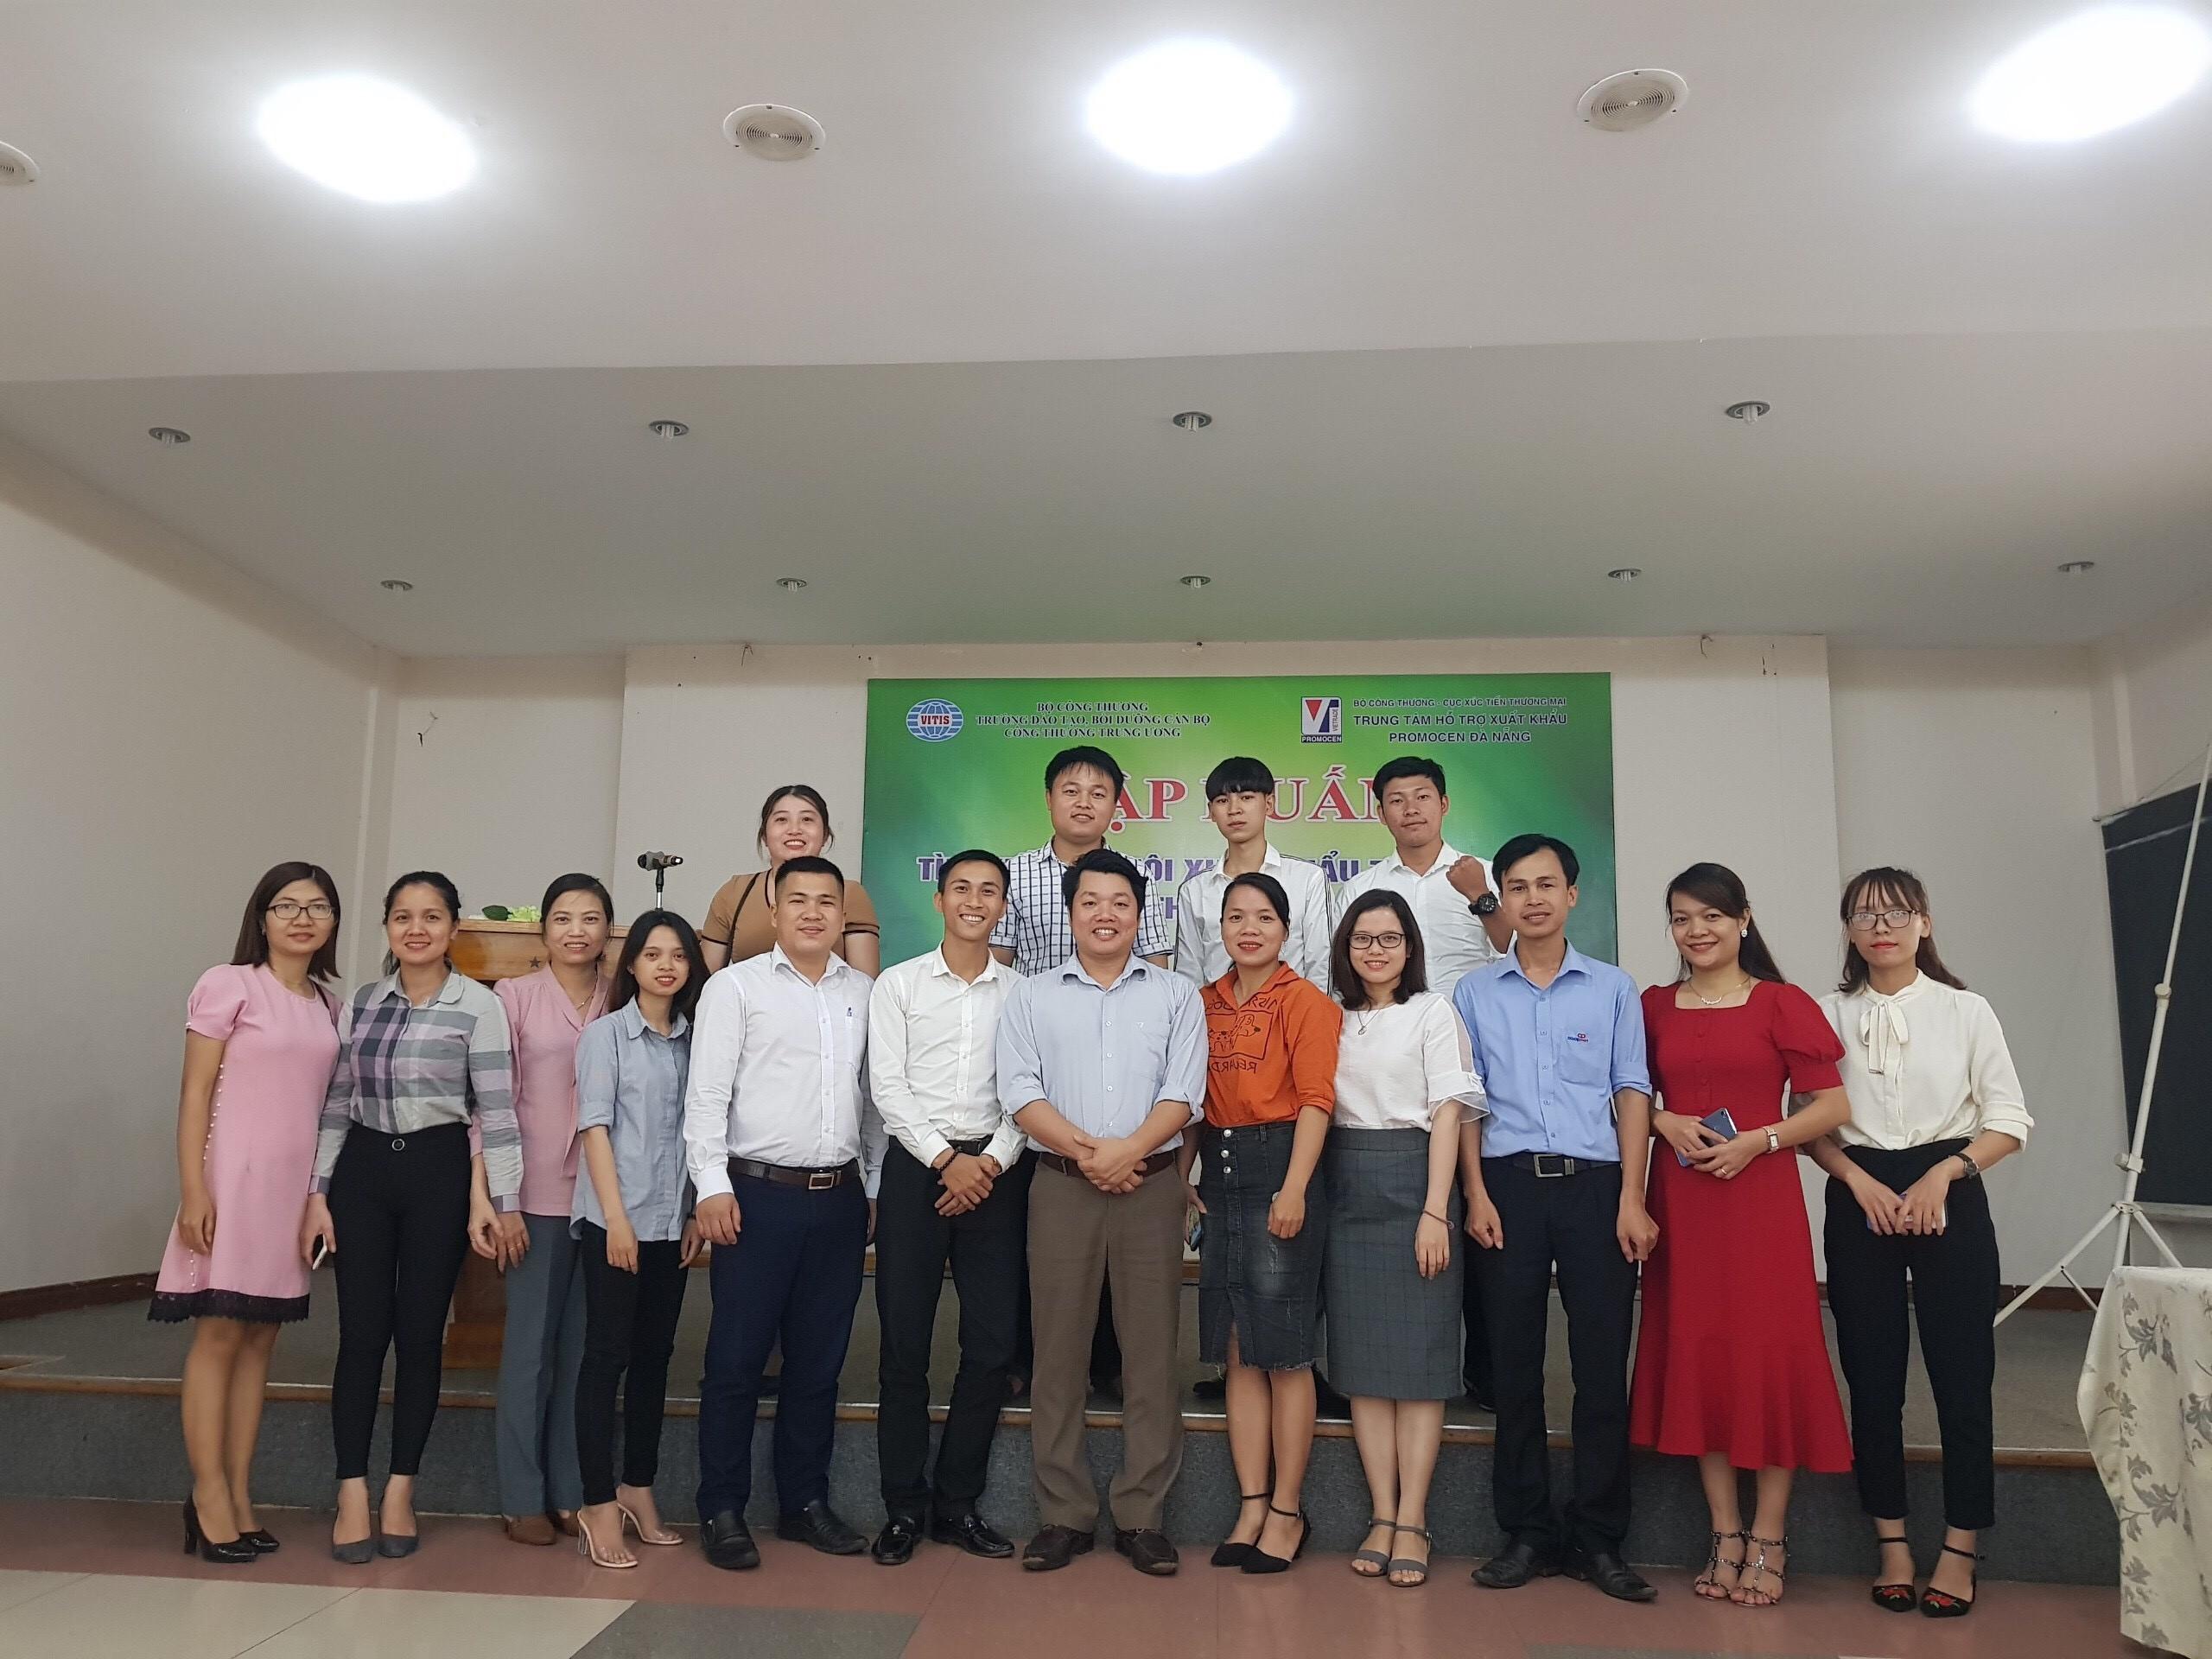 Tiếp tục hợp tác với Promocen Đà Nẵng tổ chức đào tạo Marketing online